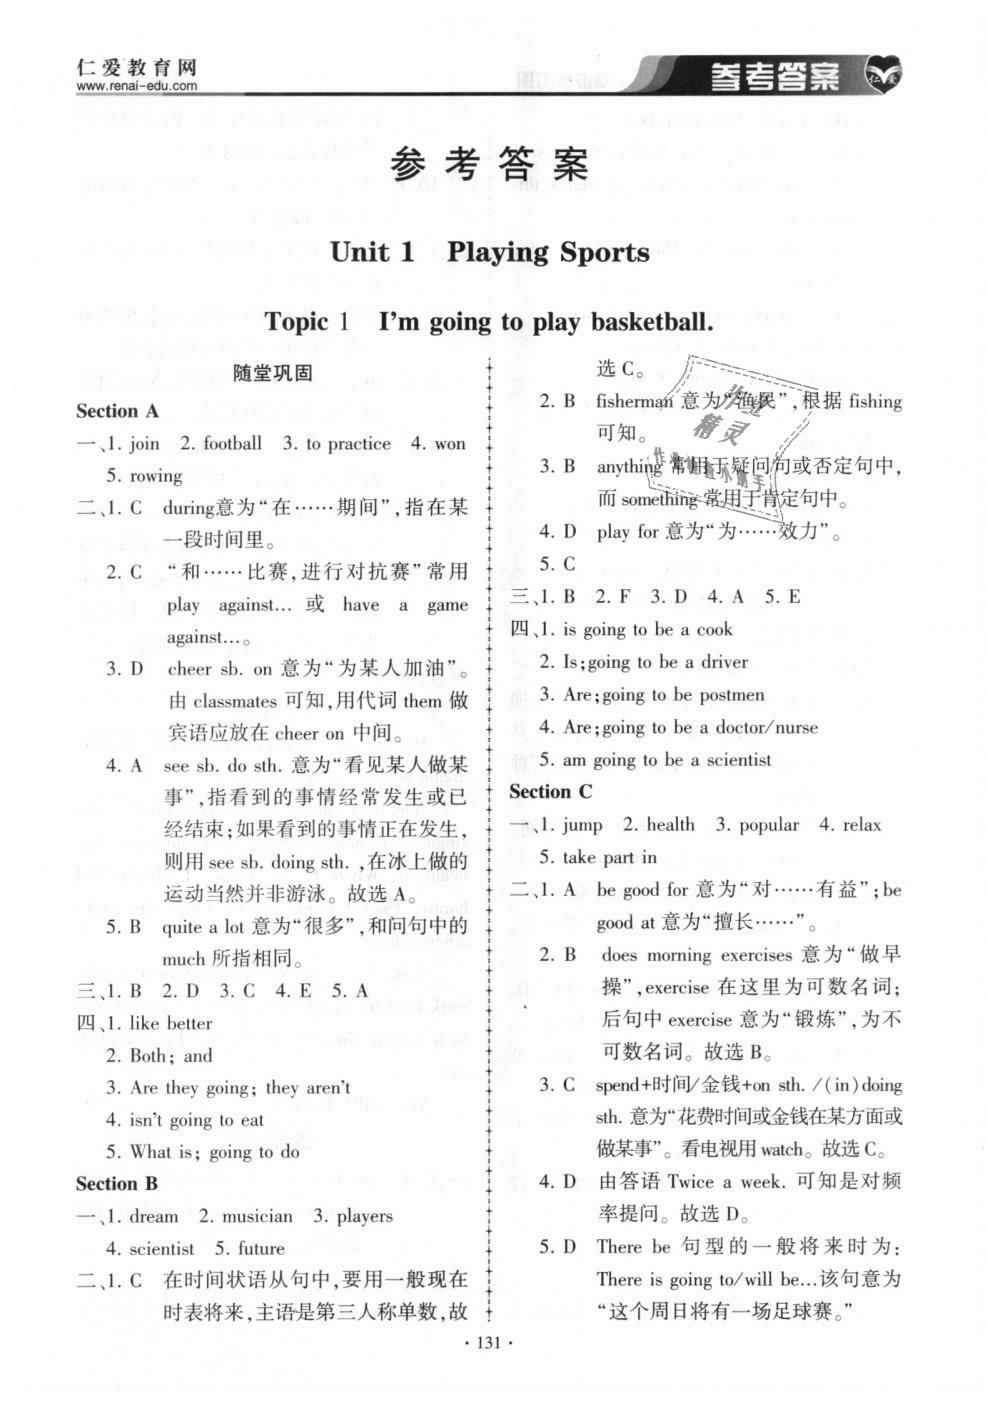 2018年仁爱英语同步练习册八年级上册E第1页